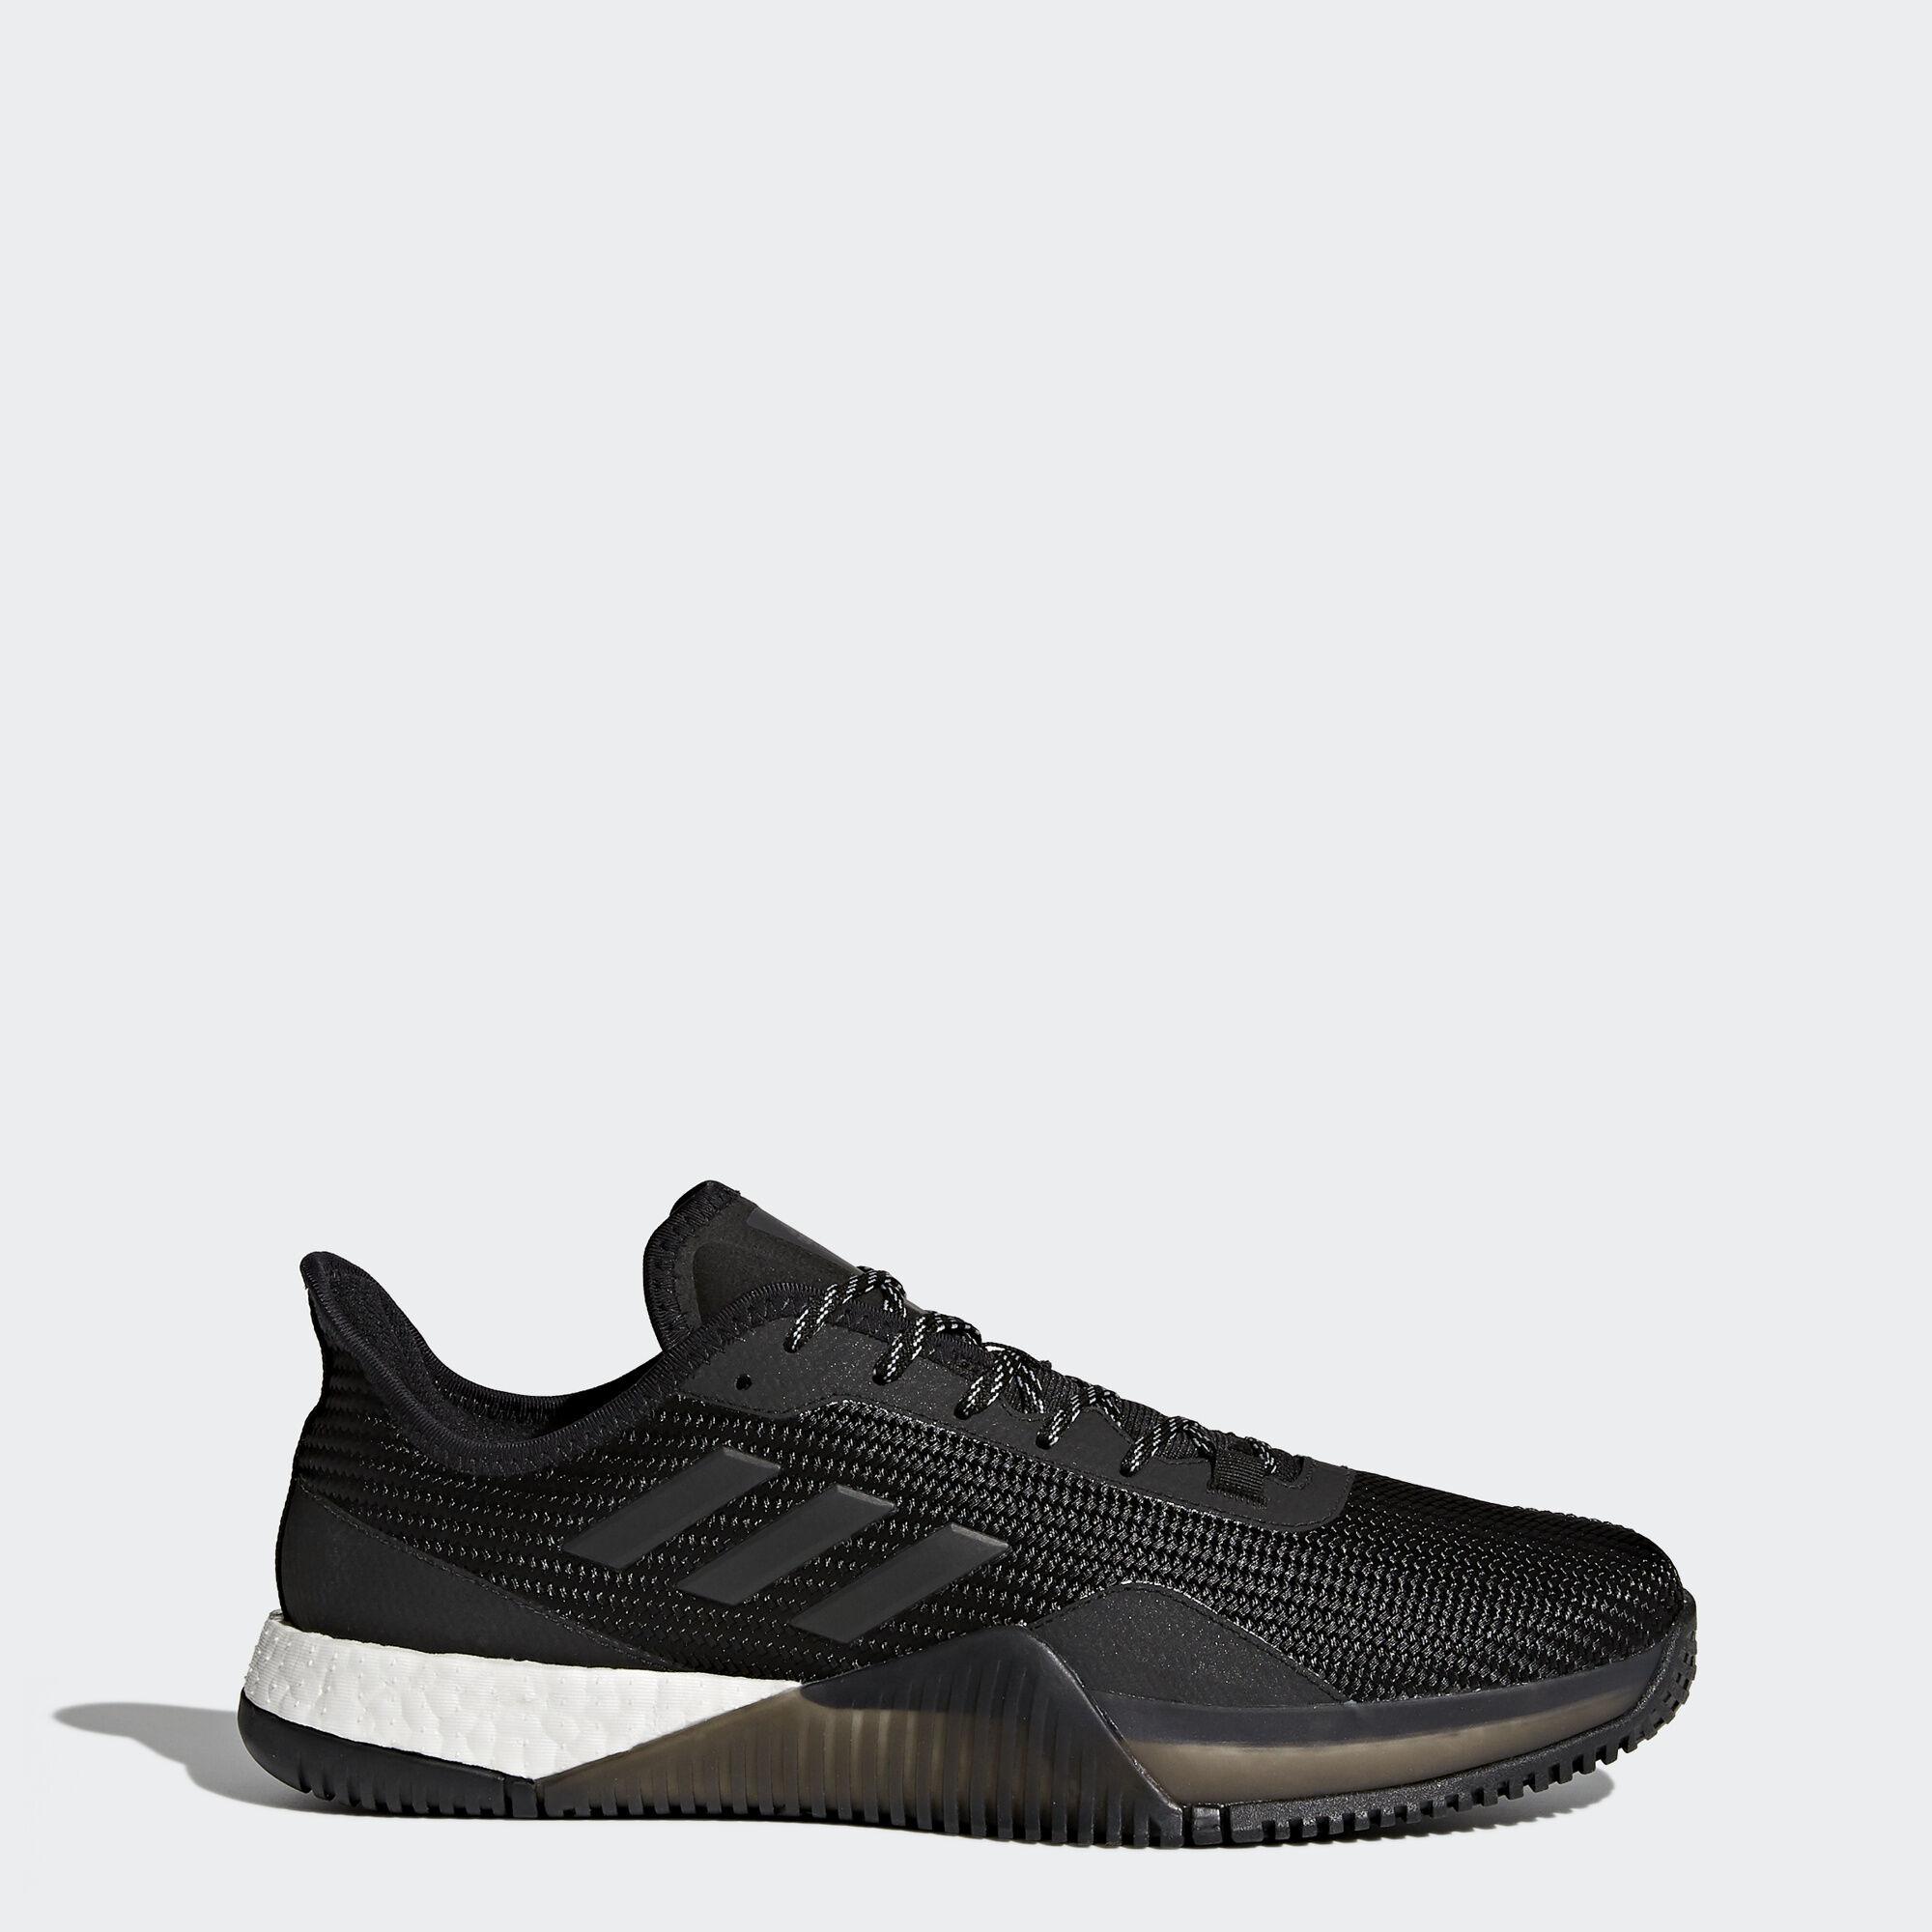 Adidas Crazy Train Shoes